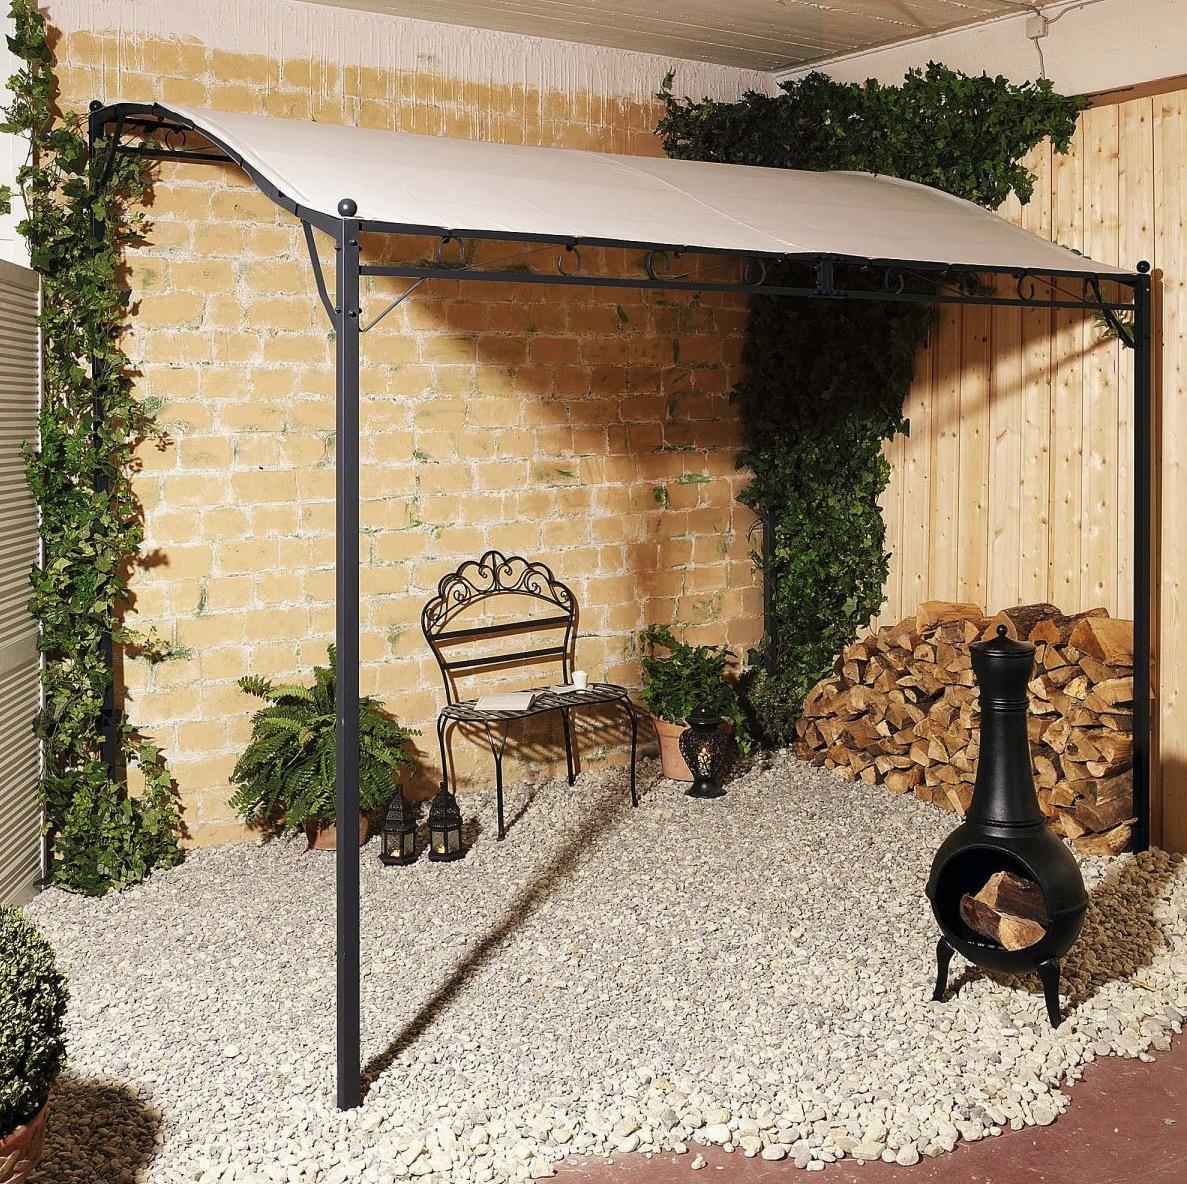 Full Size of Paravent Outdoor Metall Garten Fr Schatten Und Schutz Regal Weiß Küche Kaufen Regale Bett Edelstahl Wohnzimmer Paravent Outdoor Metall